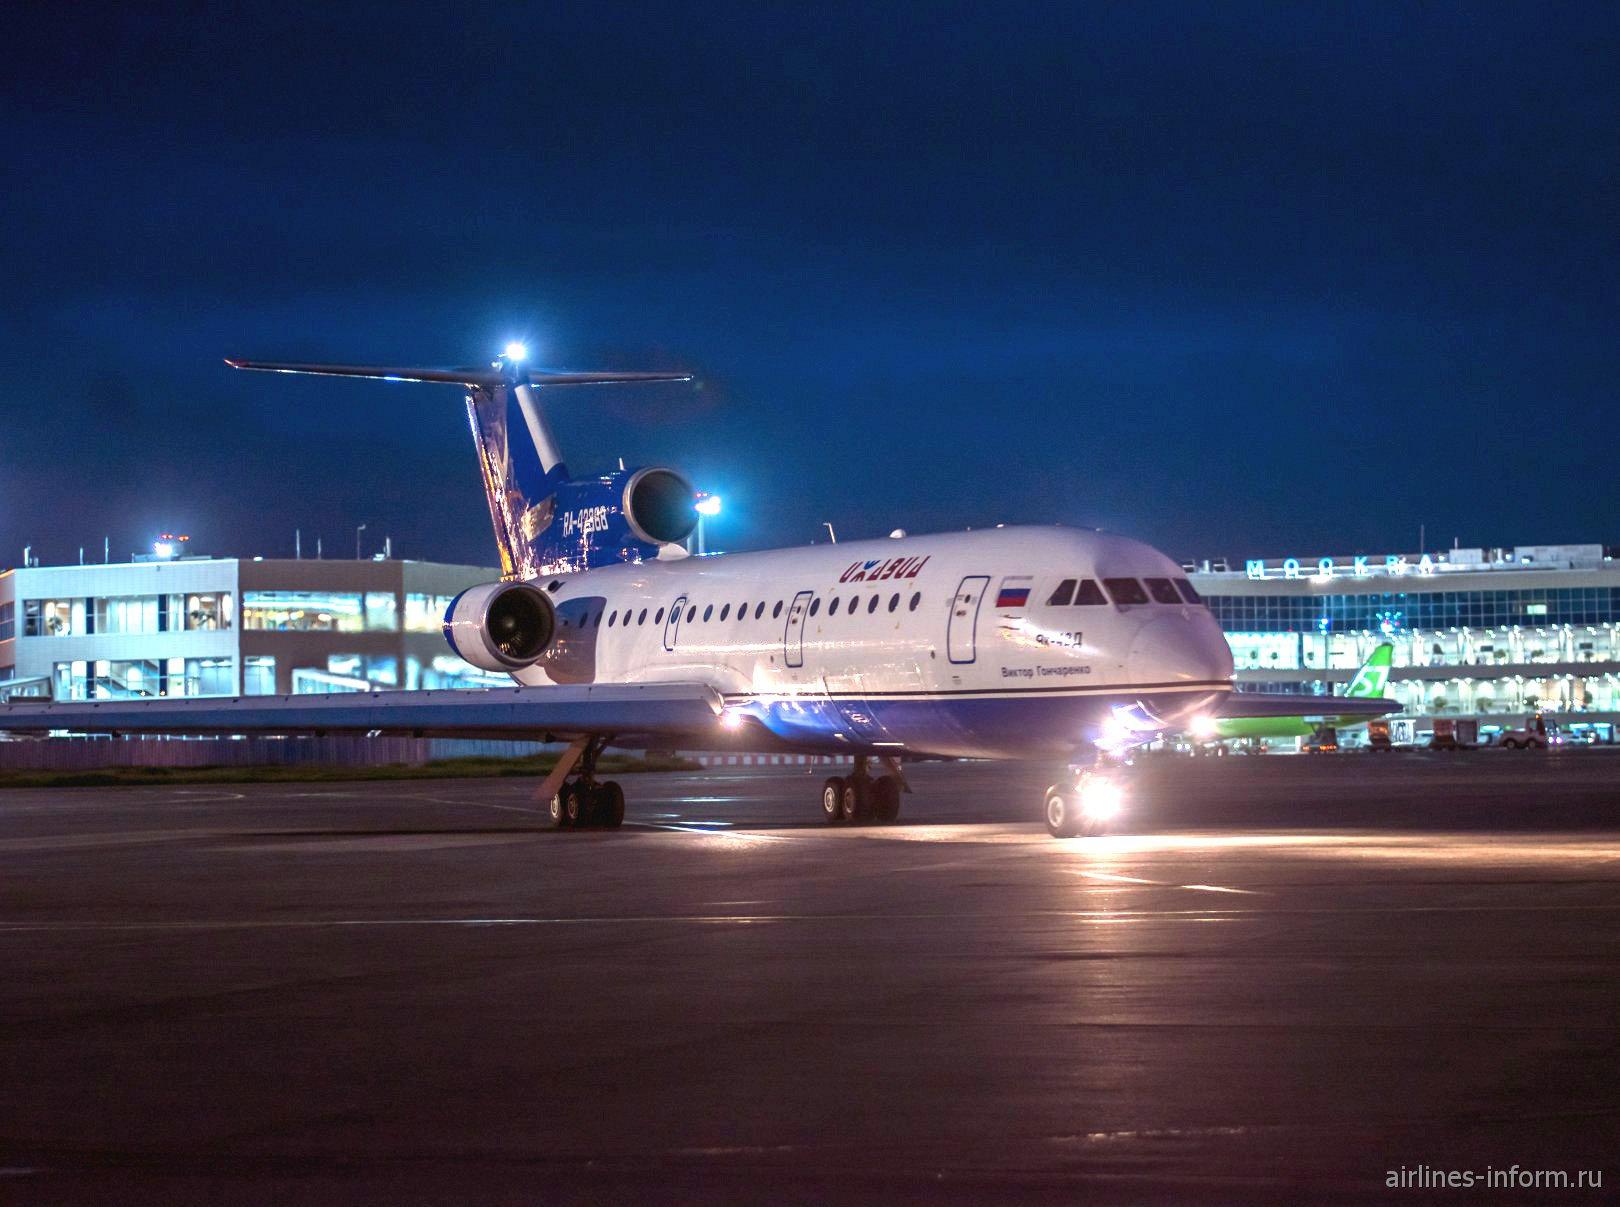 """Самолет Як-42 авиакомпании """"Ижавиа"""" в ночном аэропорту Домодедово"""